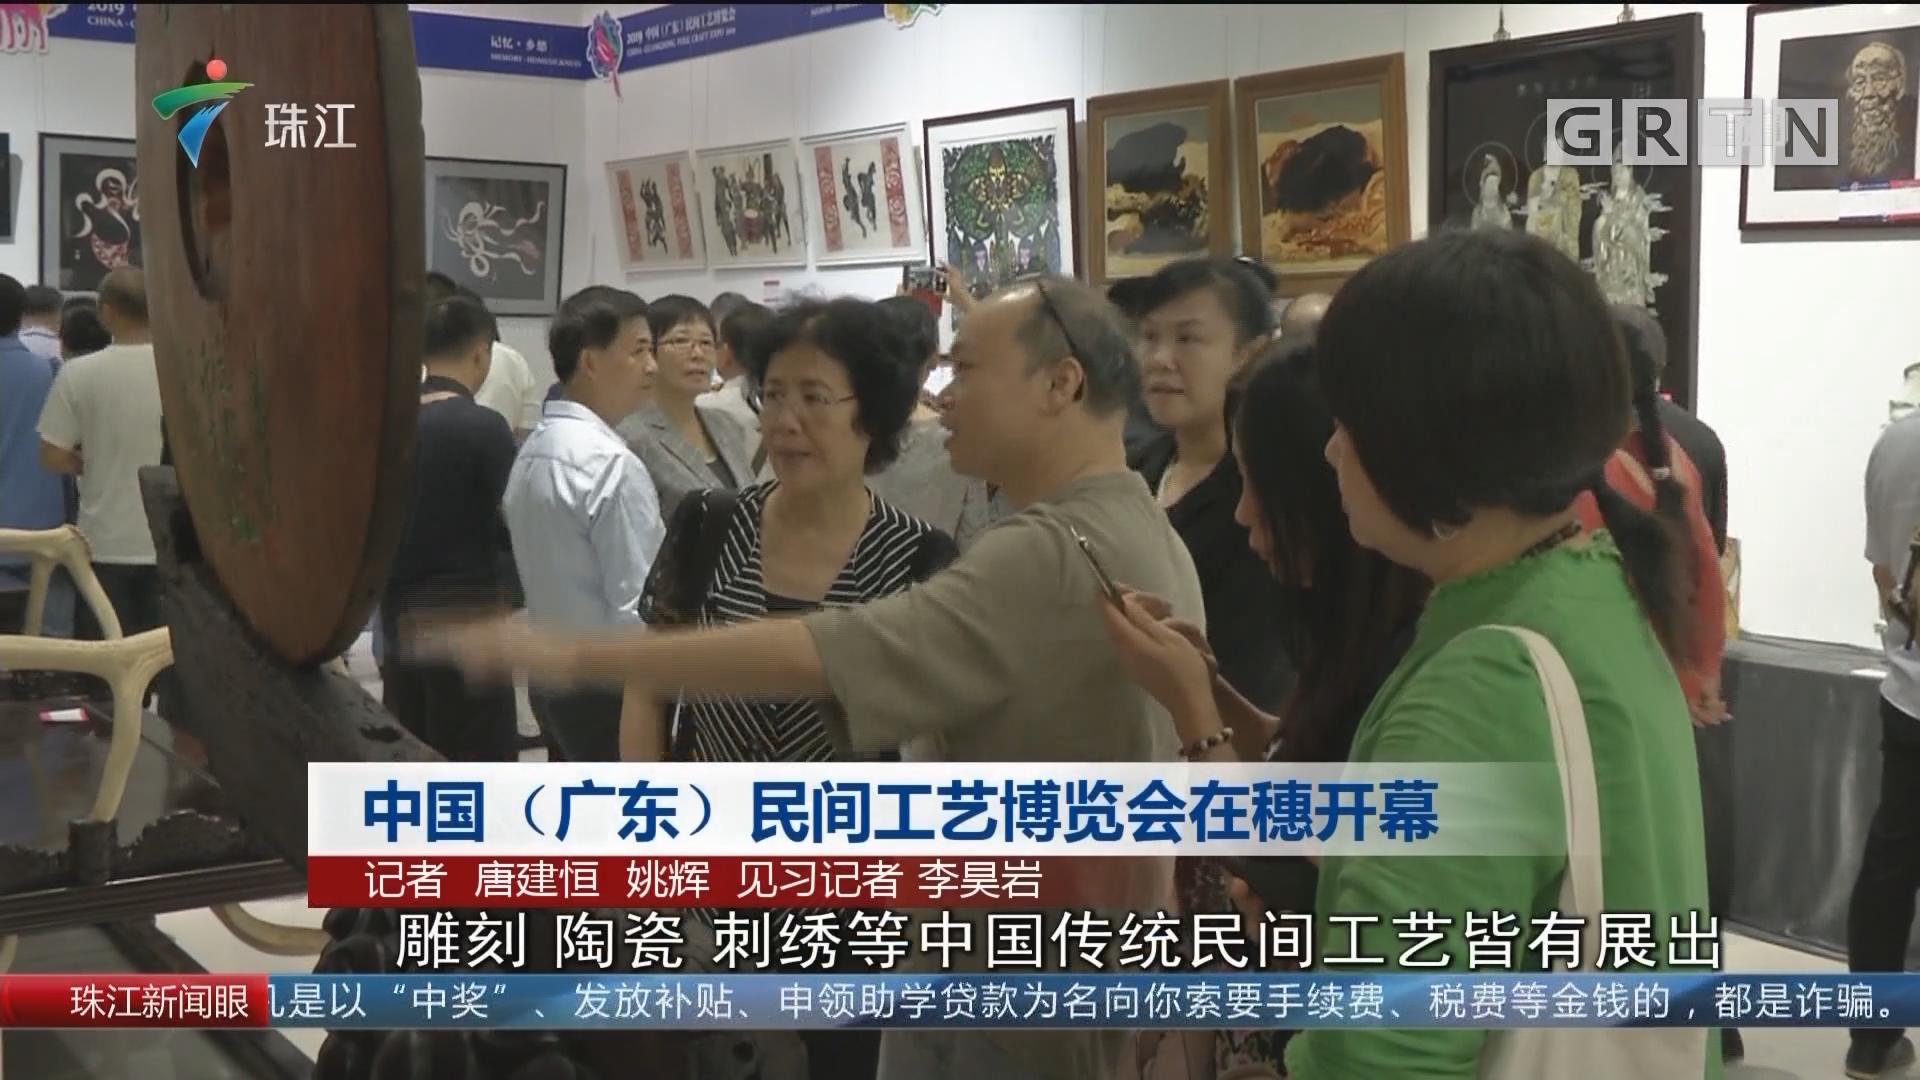 中国(广东)民间工艺博览会在穗开幕